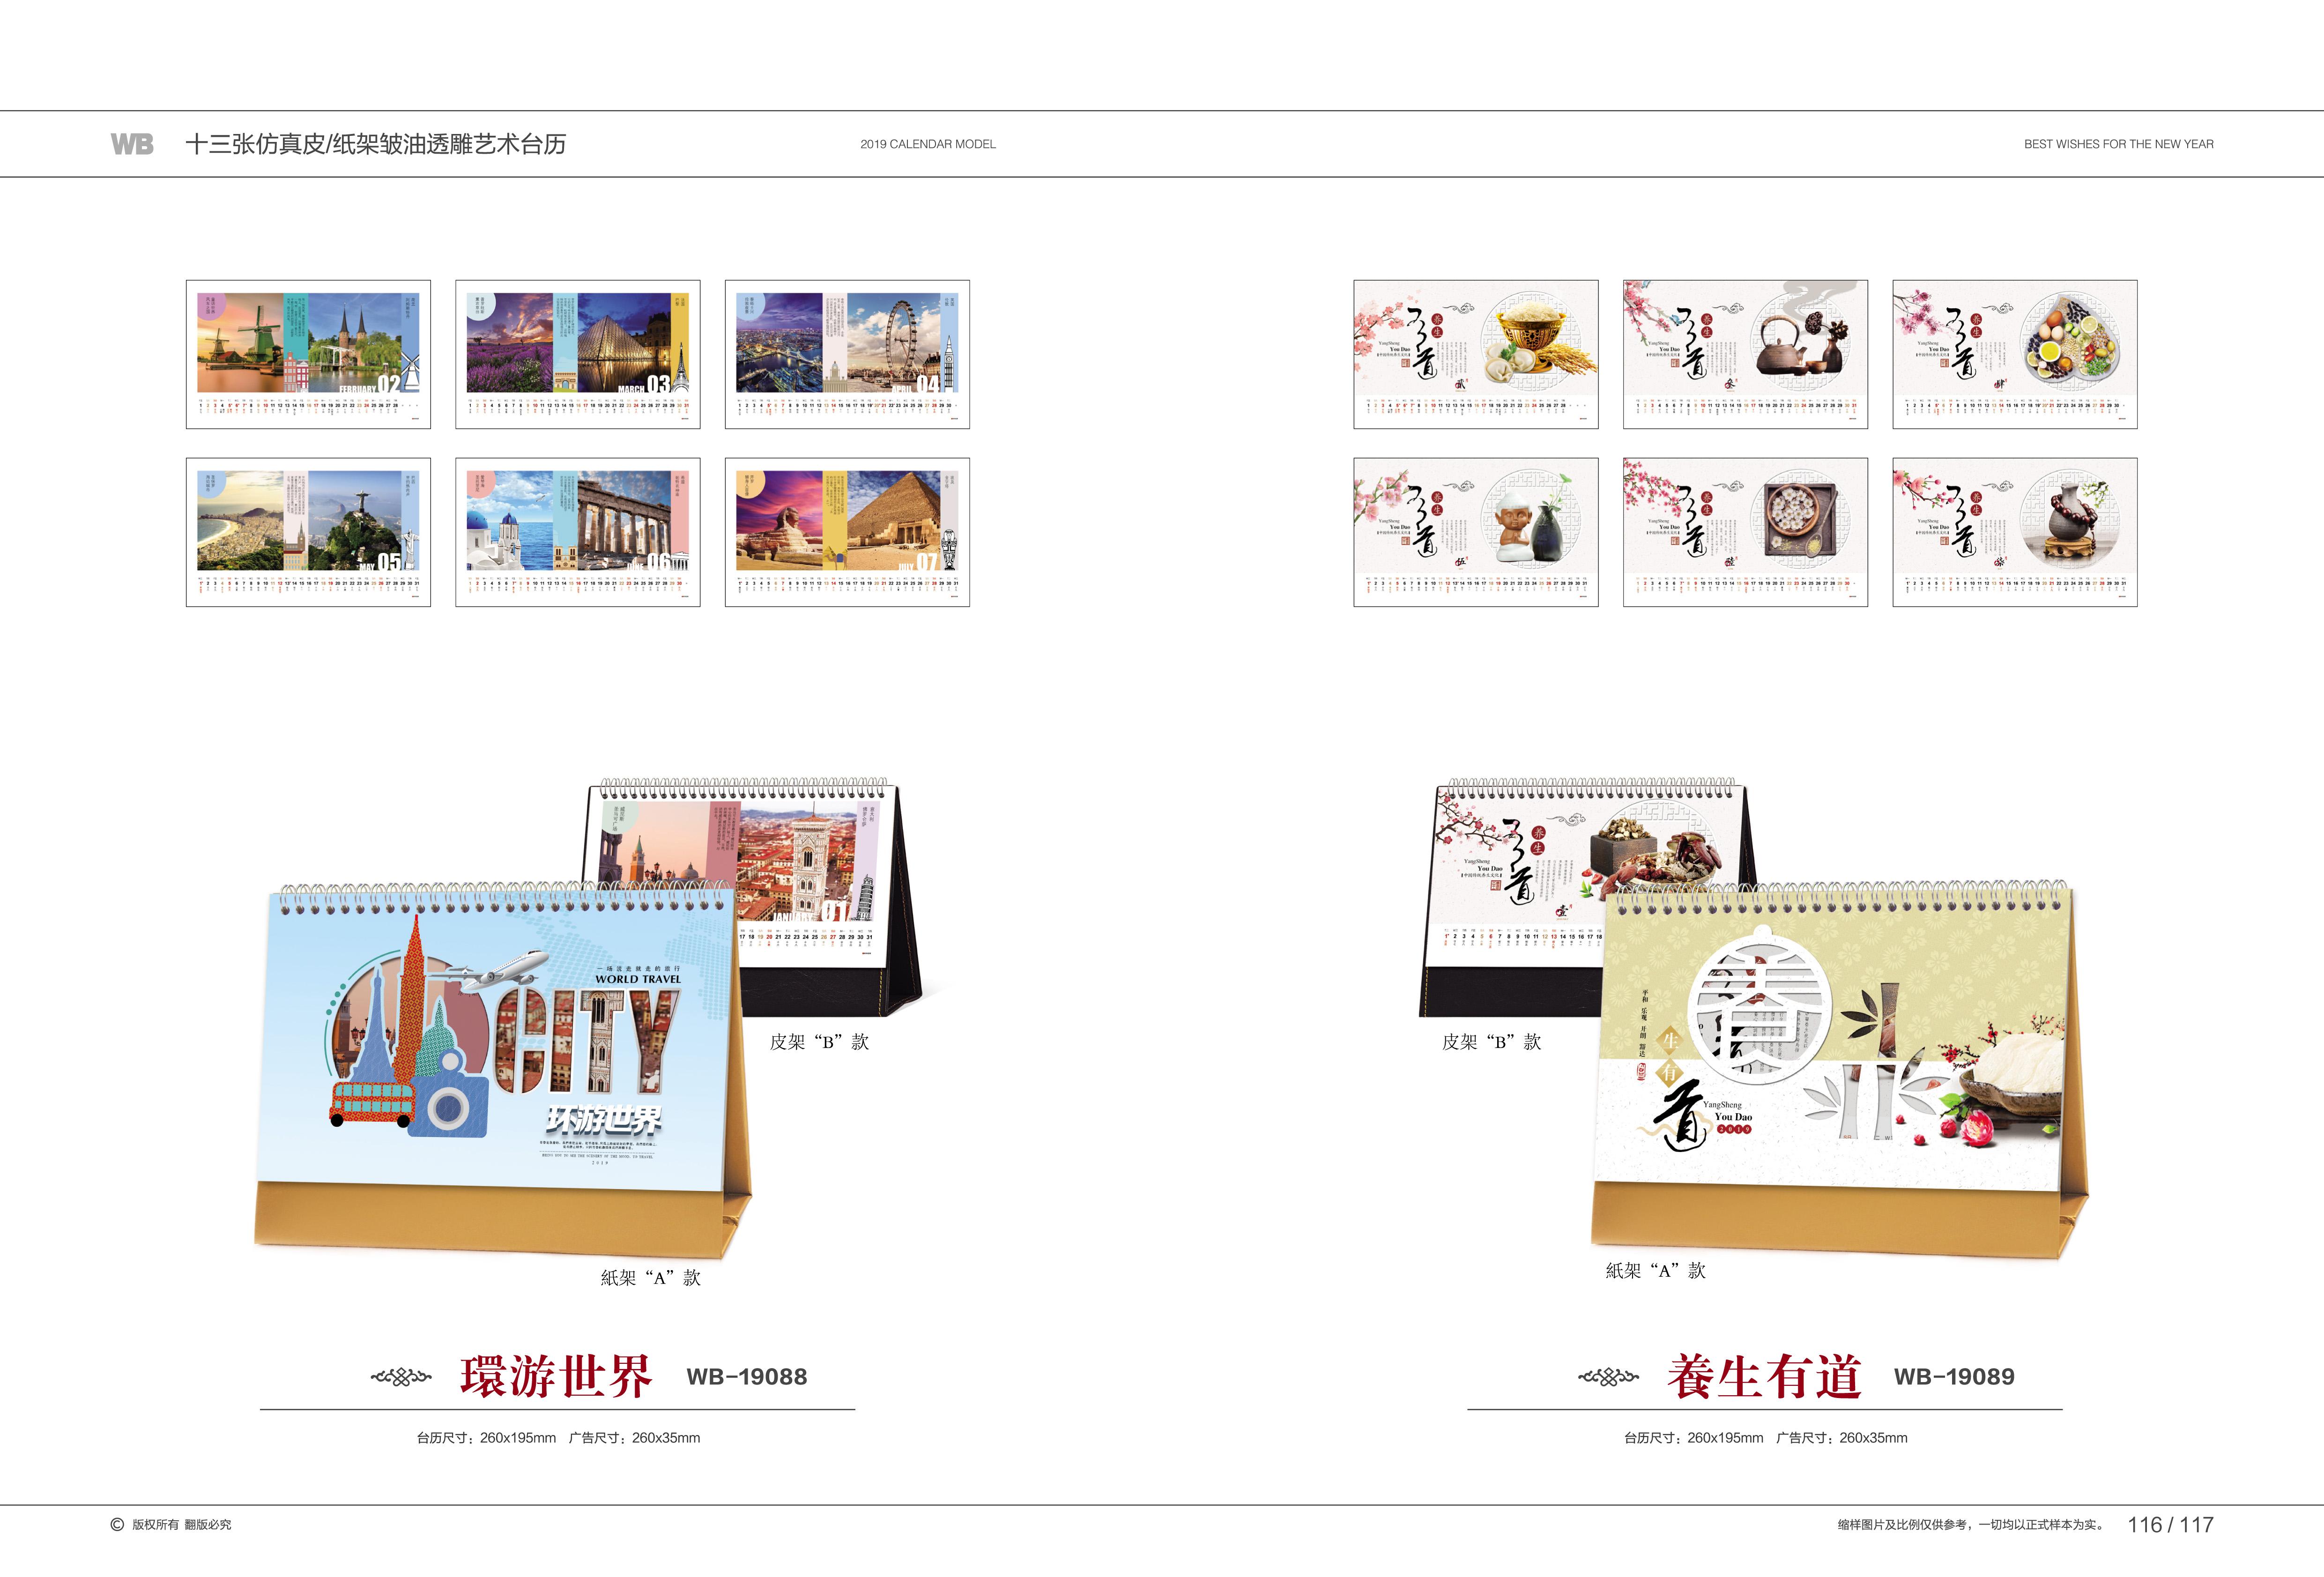 专版台历时尚台历高档精品台历-定制自己企业图片的台历